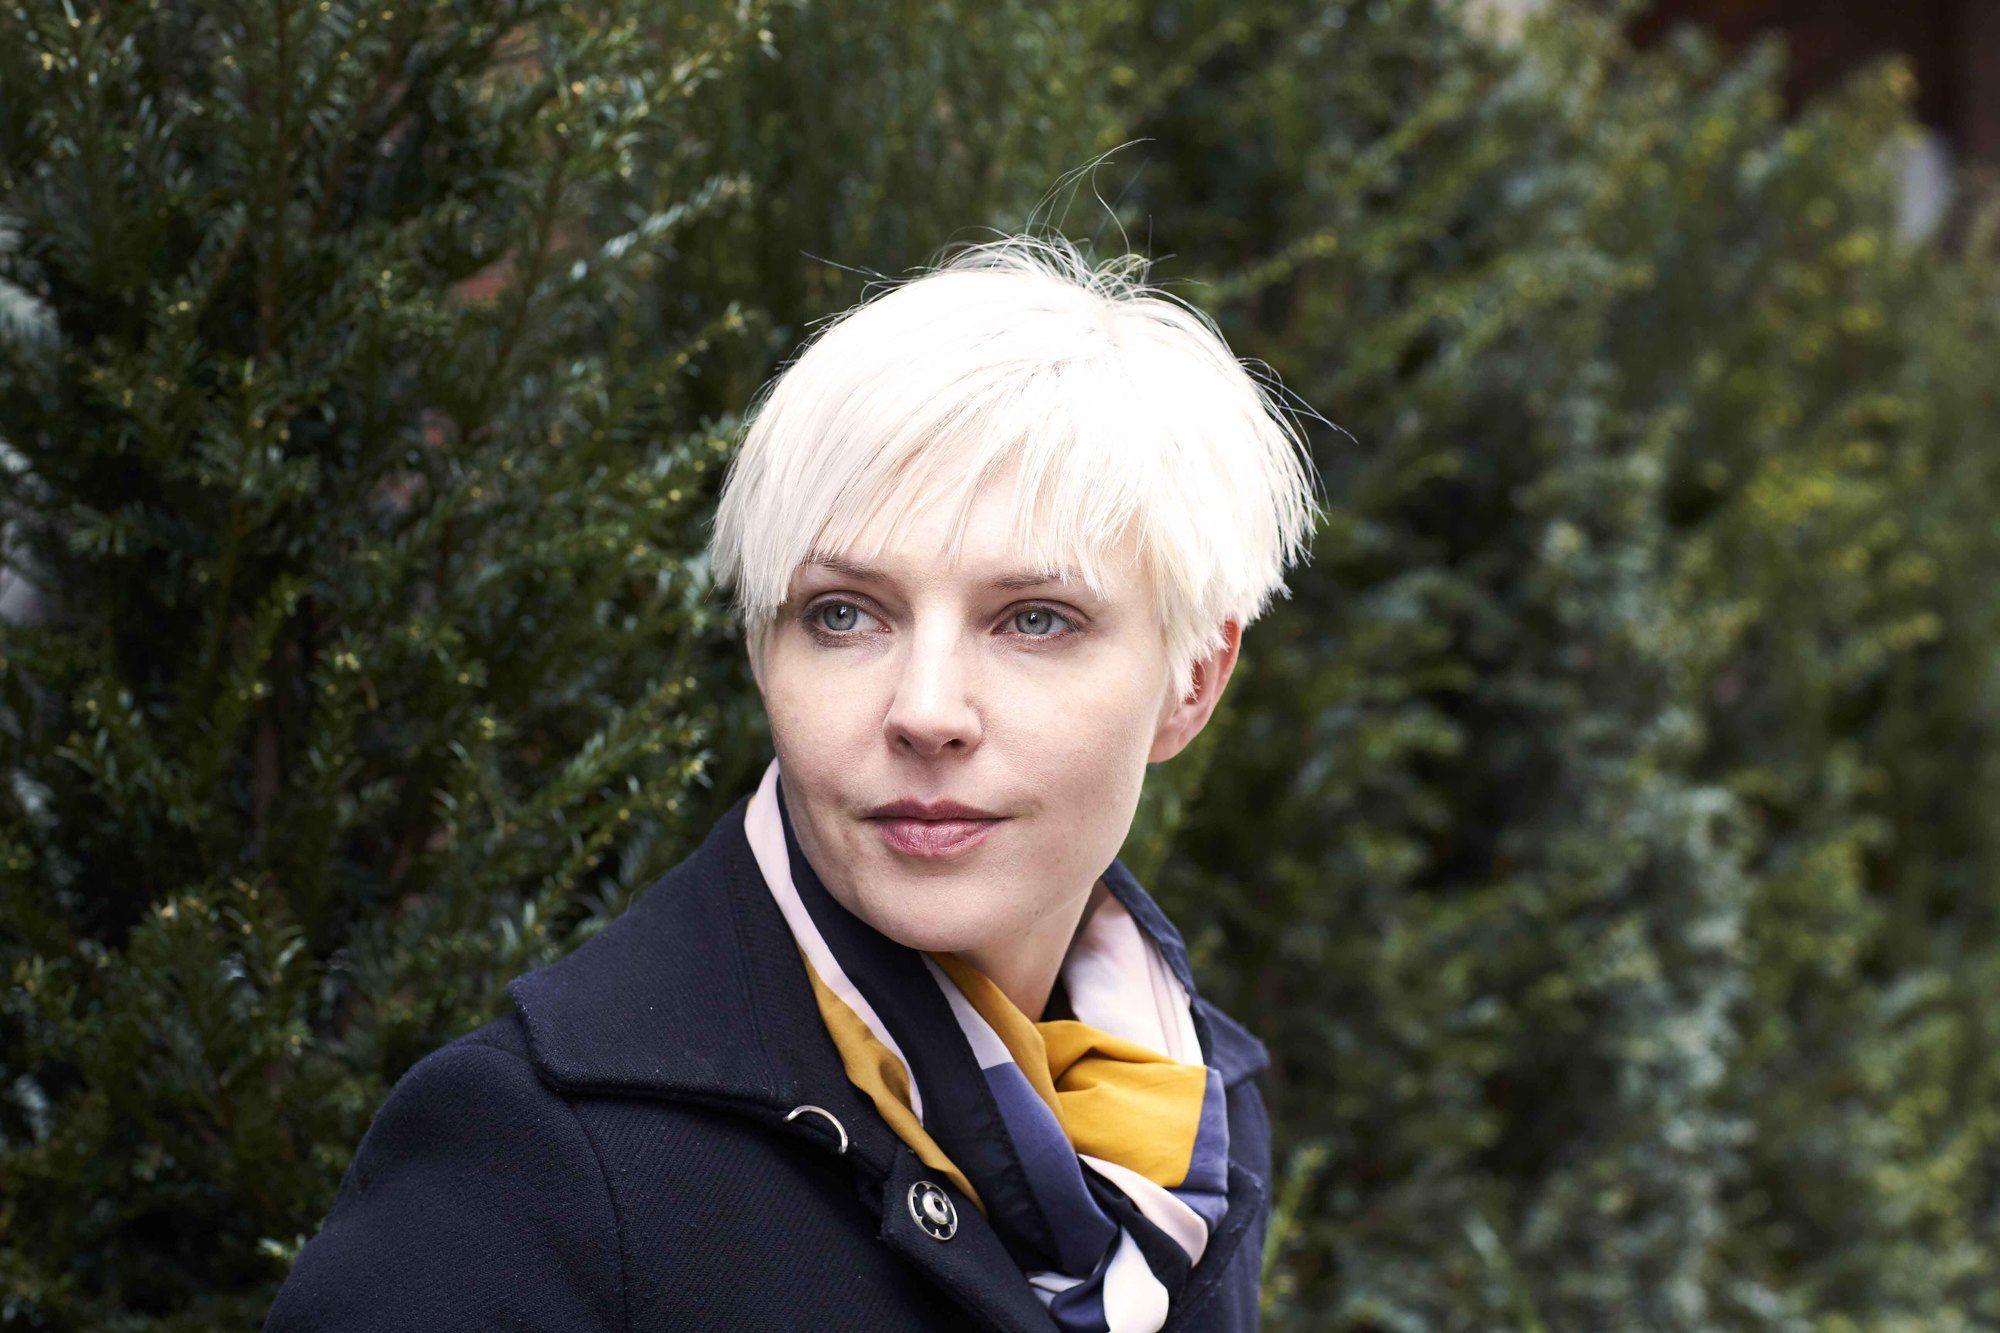 blonde cendrée : gros plan d'une femme aux cheveux courts, blonds nordiques, portant du noir et posant dans la rue.